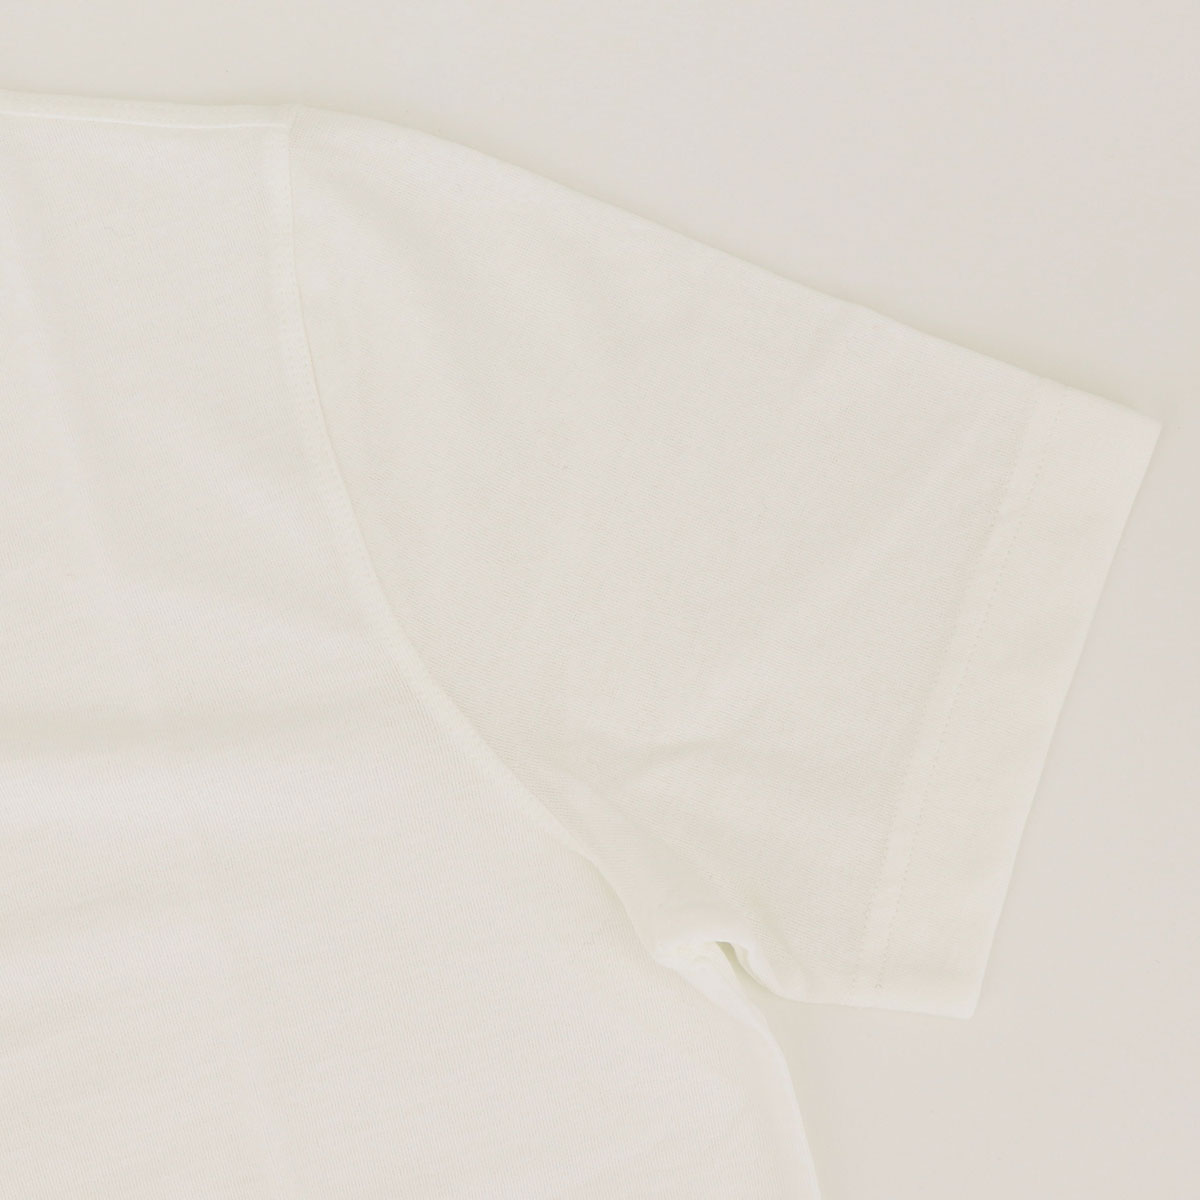 【クリアランスセール】ザノーネ ZANONE メンズ アイスコットン Vネック 半袖Tシャツ T-SHIRT V NECK 810237 Z0380 Z0001(ホワイト)【返品交換不可】